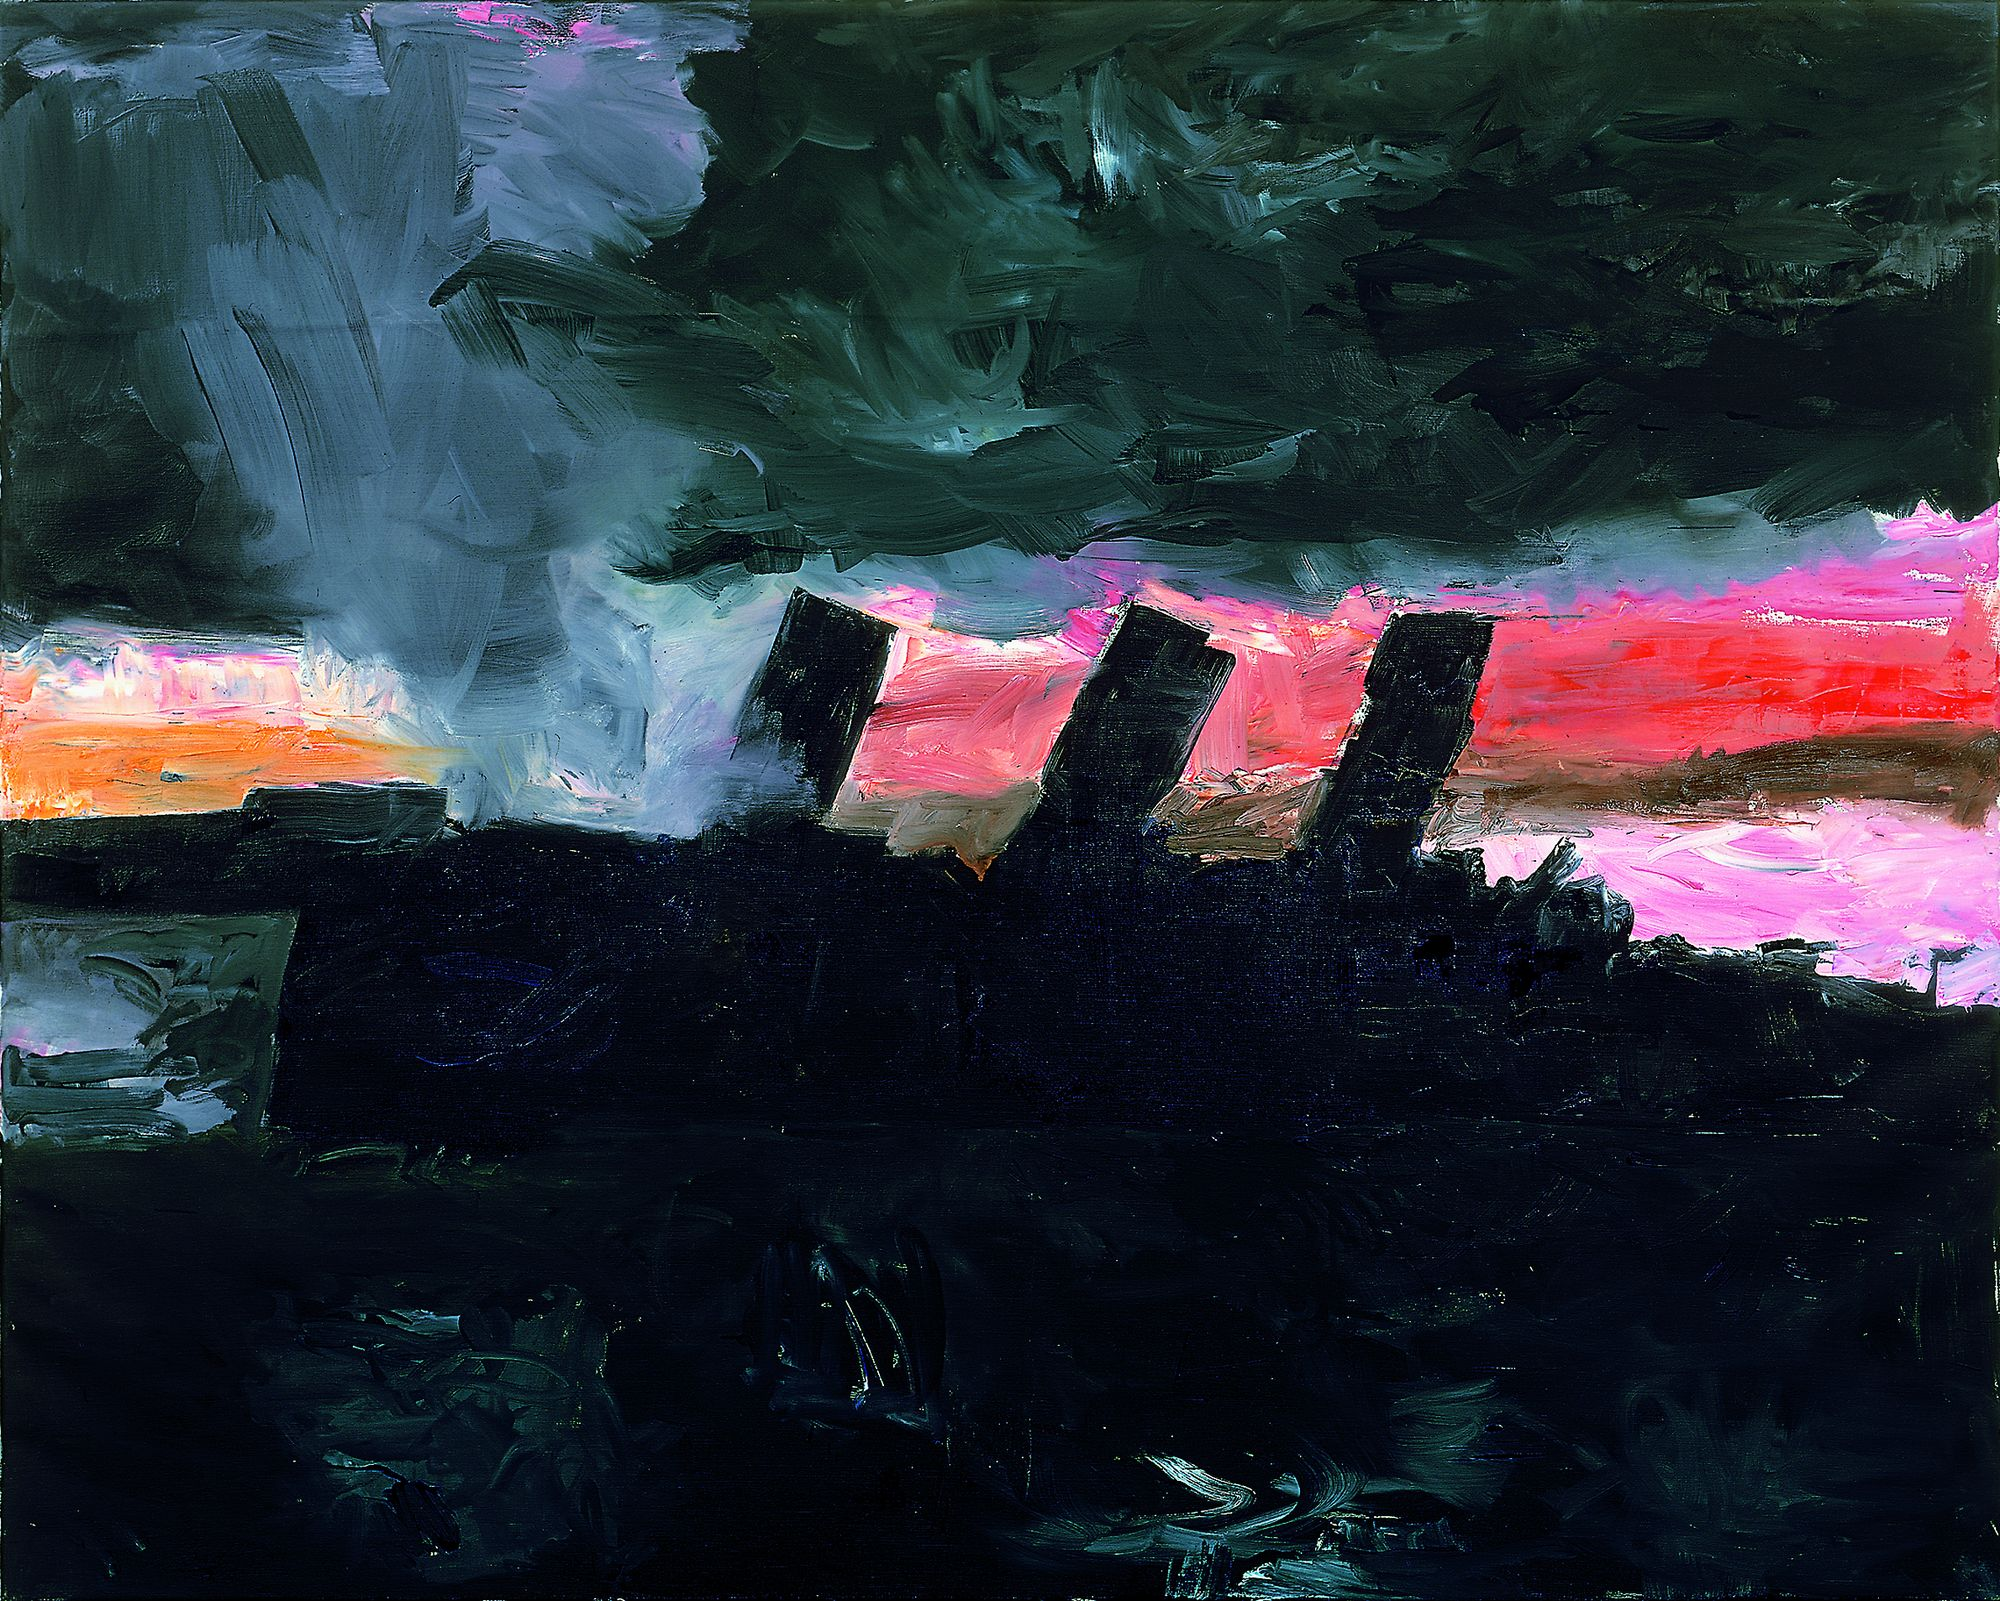 Ulrich Baehr | DAs 20. Jahrhundert XXVII, 2002, 160 x 200 cm